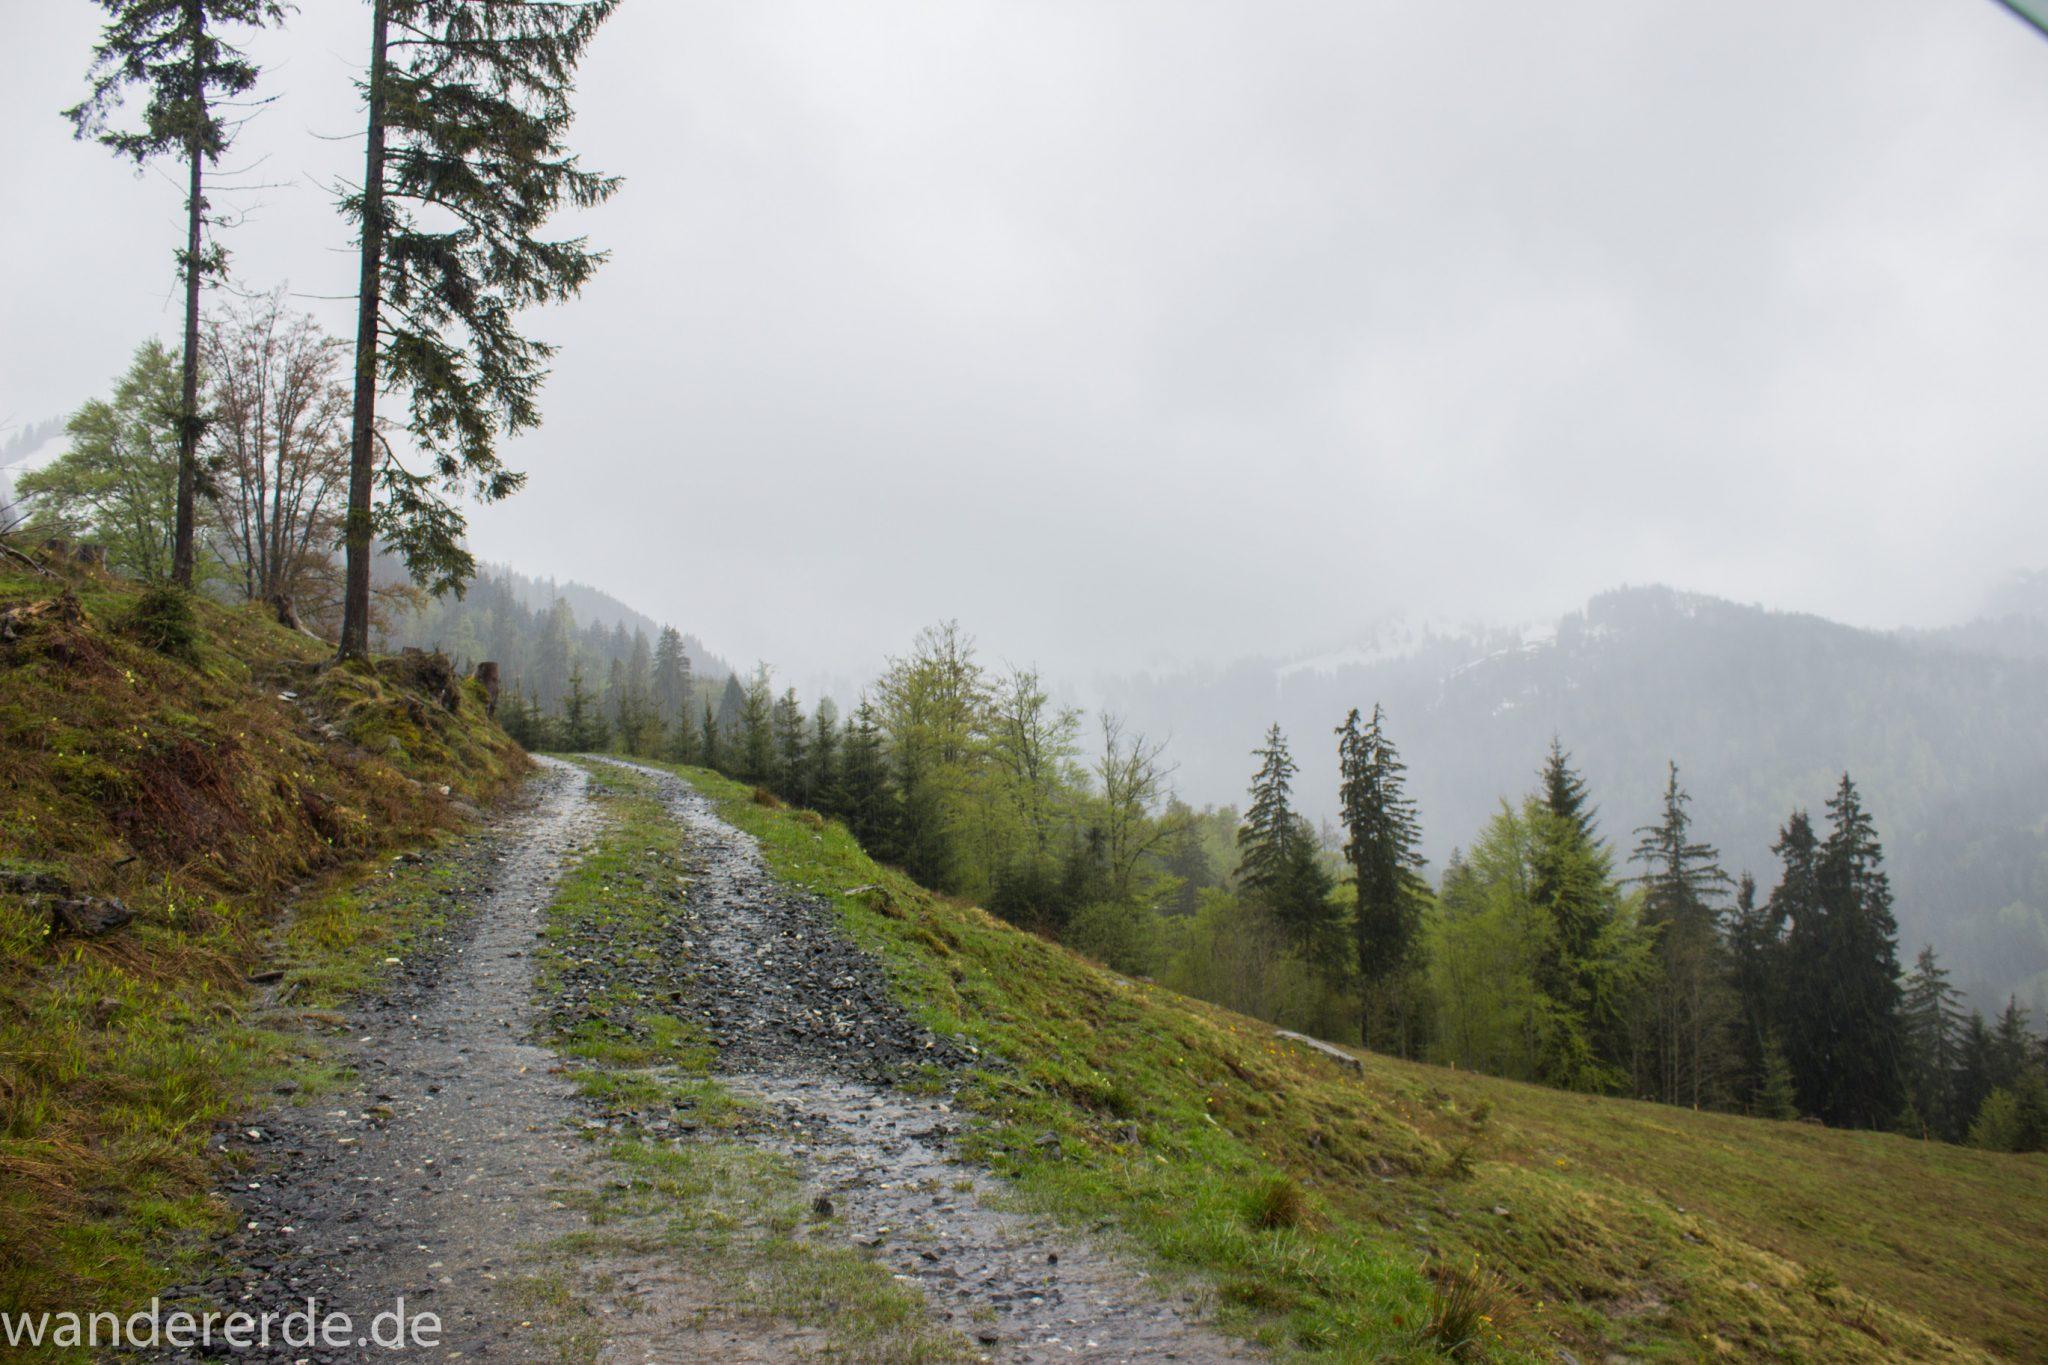 Wandern Gunzesrieder Ostertal im Allgäu, Baden-Württemberg, Obere Älple, viel Regen, dunkle Wolken, saftig grüner Wald, Wanderweg Kieselstraße, schöne Atmosphäre und Aussicht